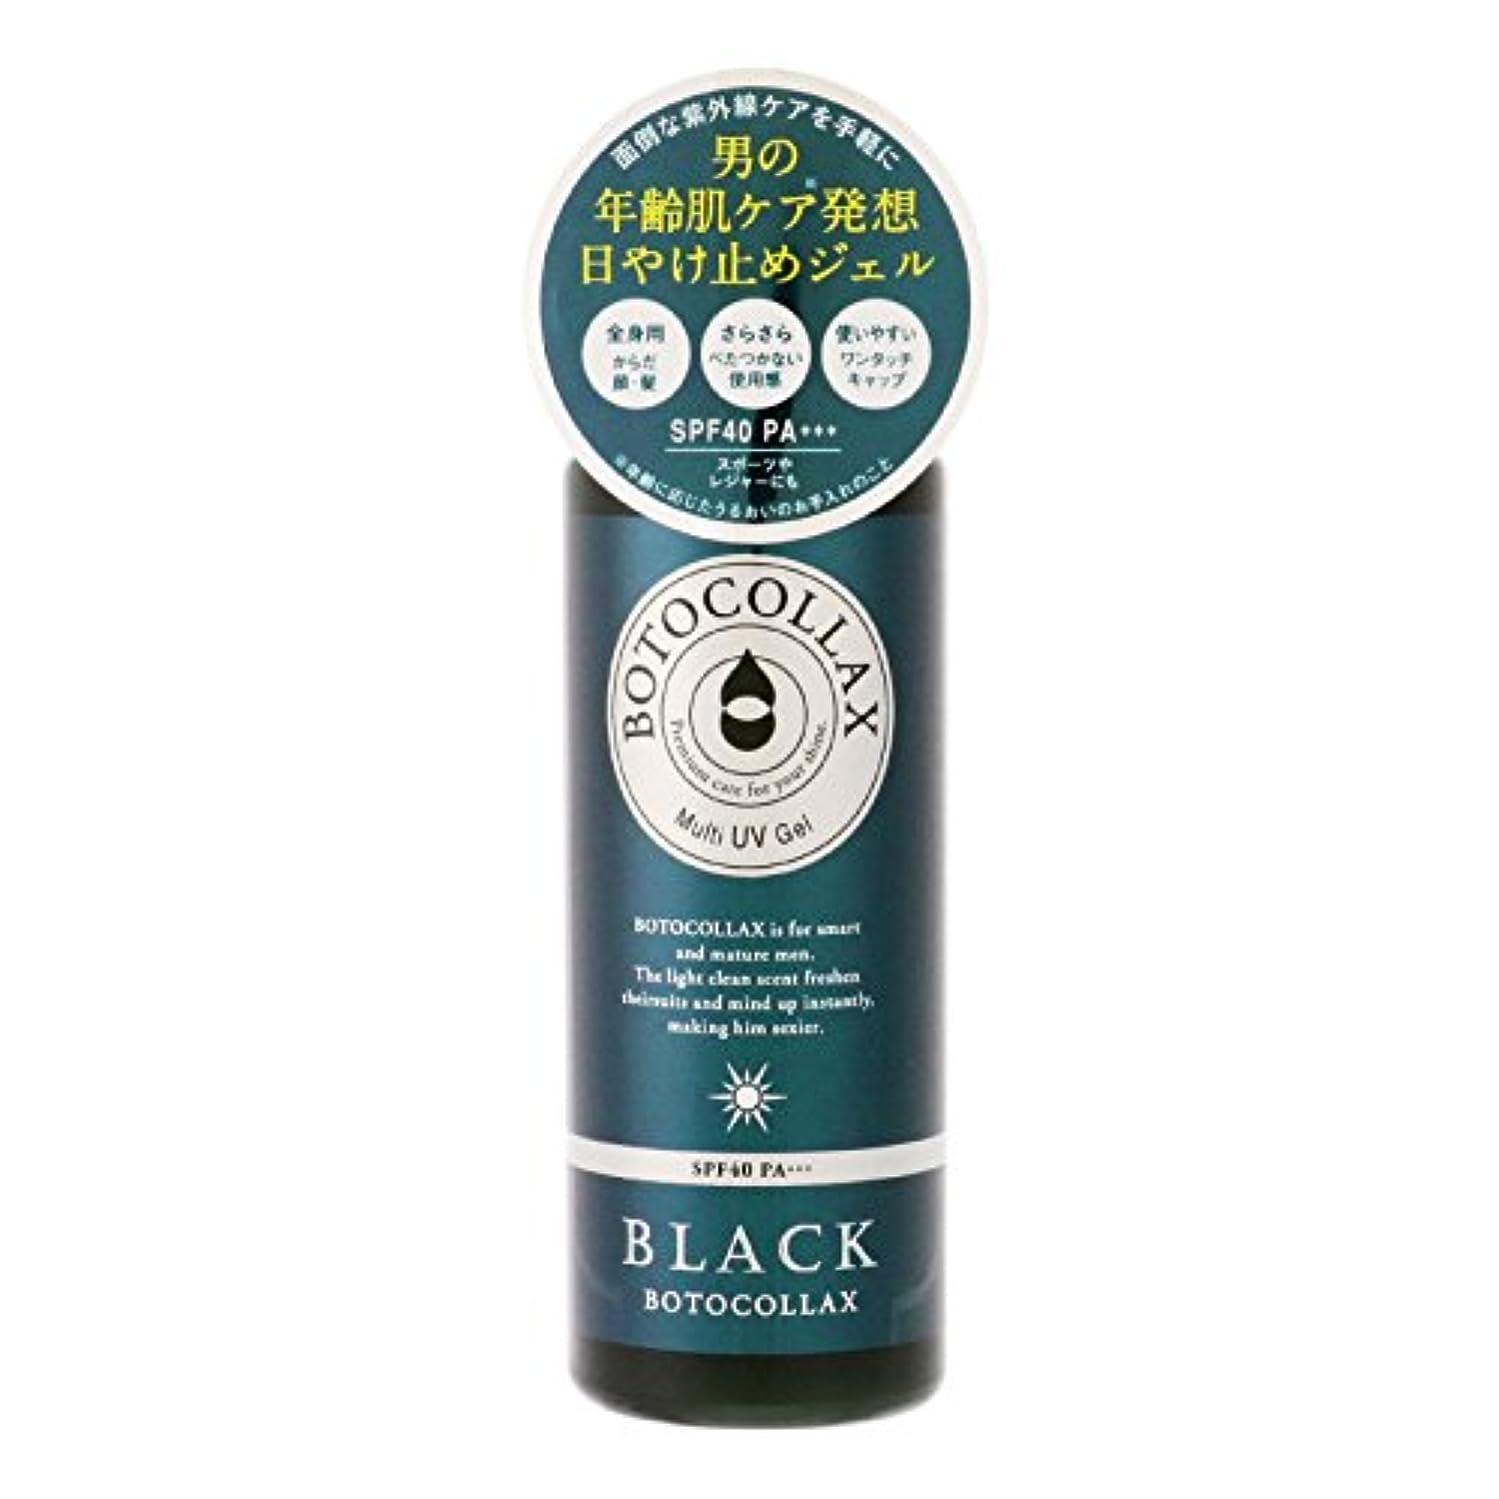 素晴らしい雄弁宗教ボトコラックスブラック オーシャン マルチUVジェル ベルガモットグリーンの香り 70g